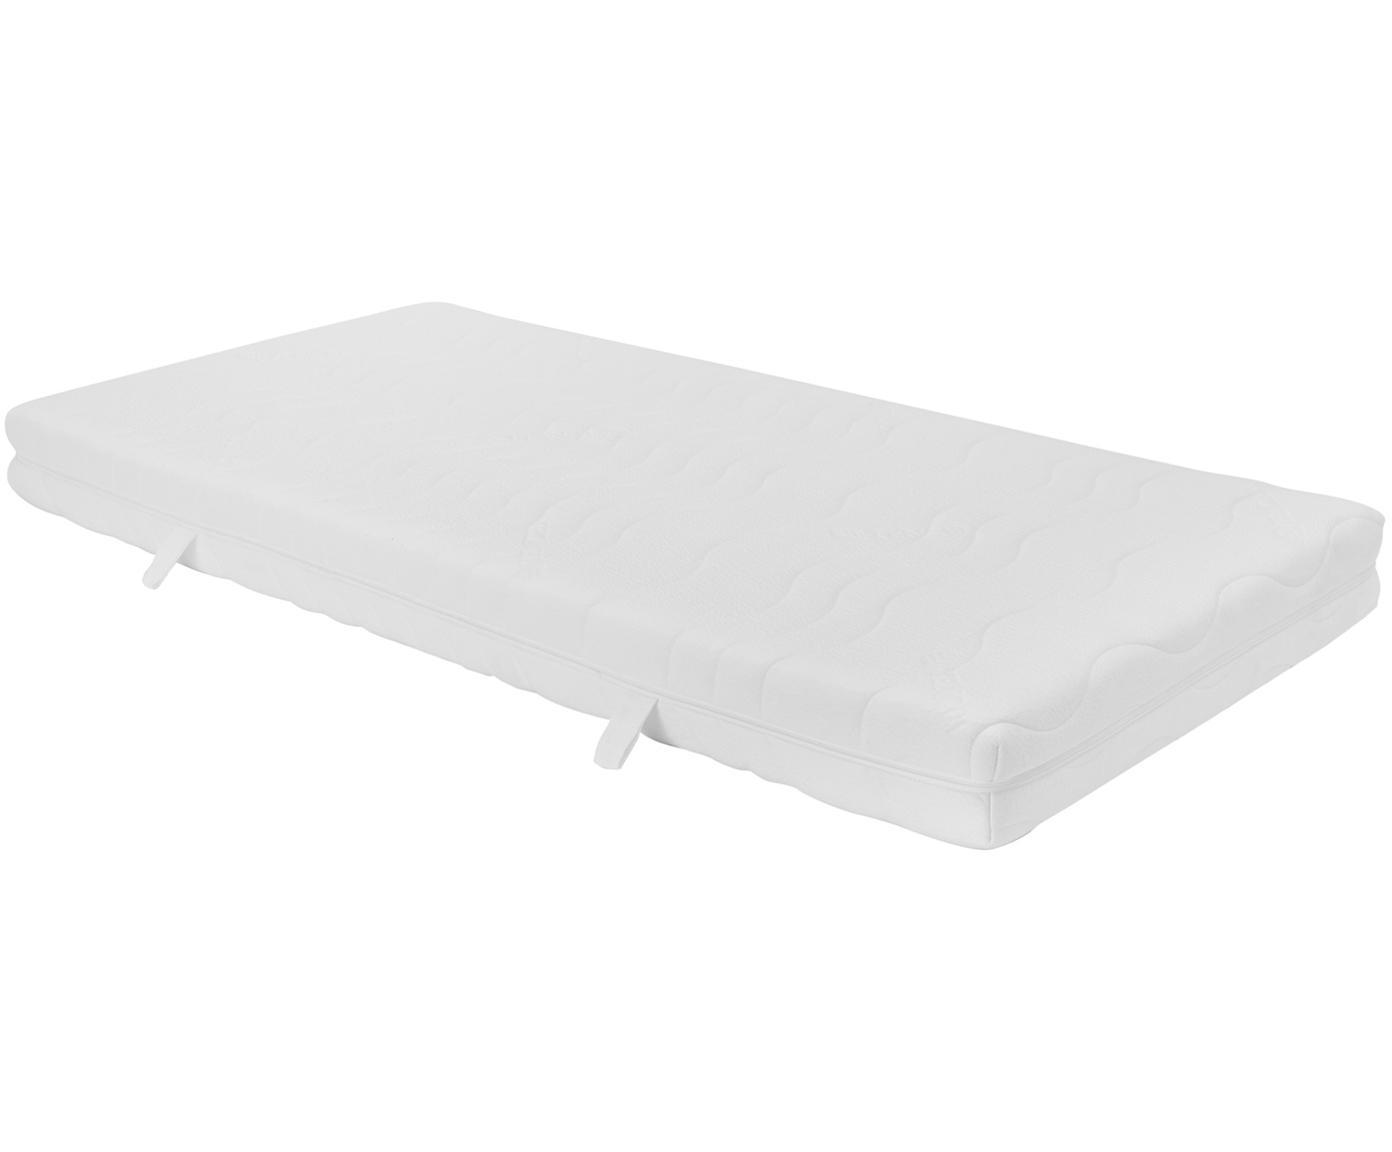 Materasso in schiuma fredda Vital, Rivestimento: doppia maglia TENCEL® (56, Rivestimento: circa 350 g/m² di fibra t, Bianco, 90 x 200 cm